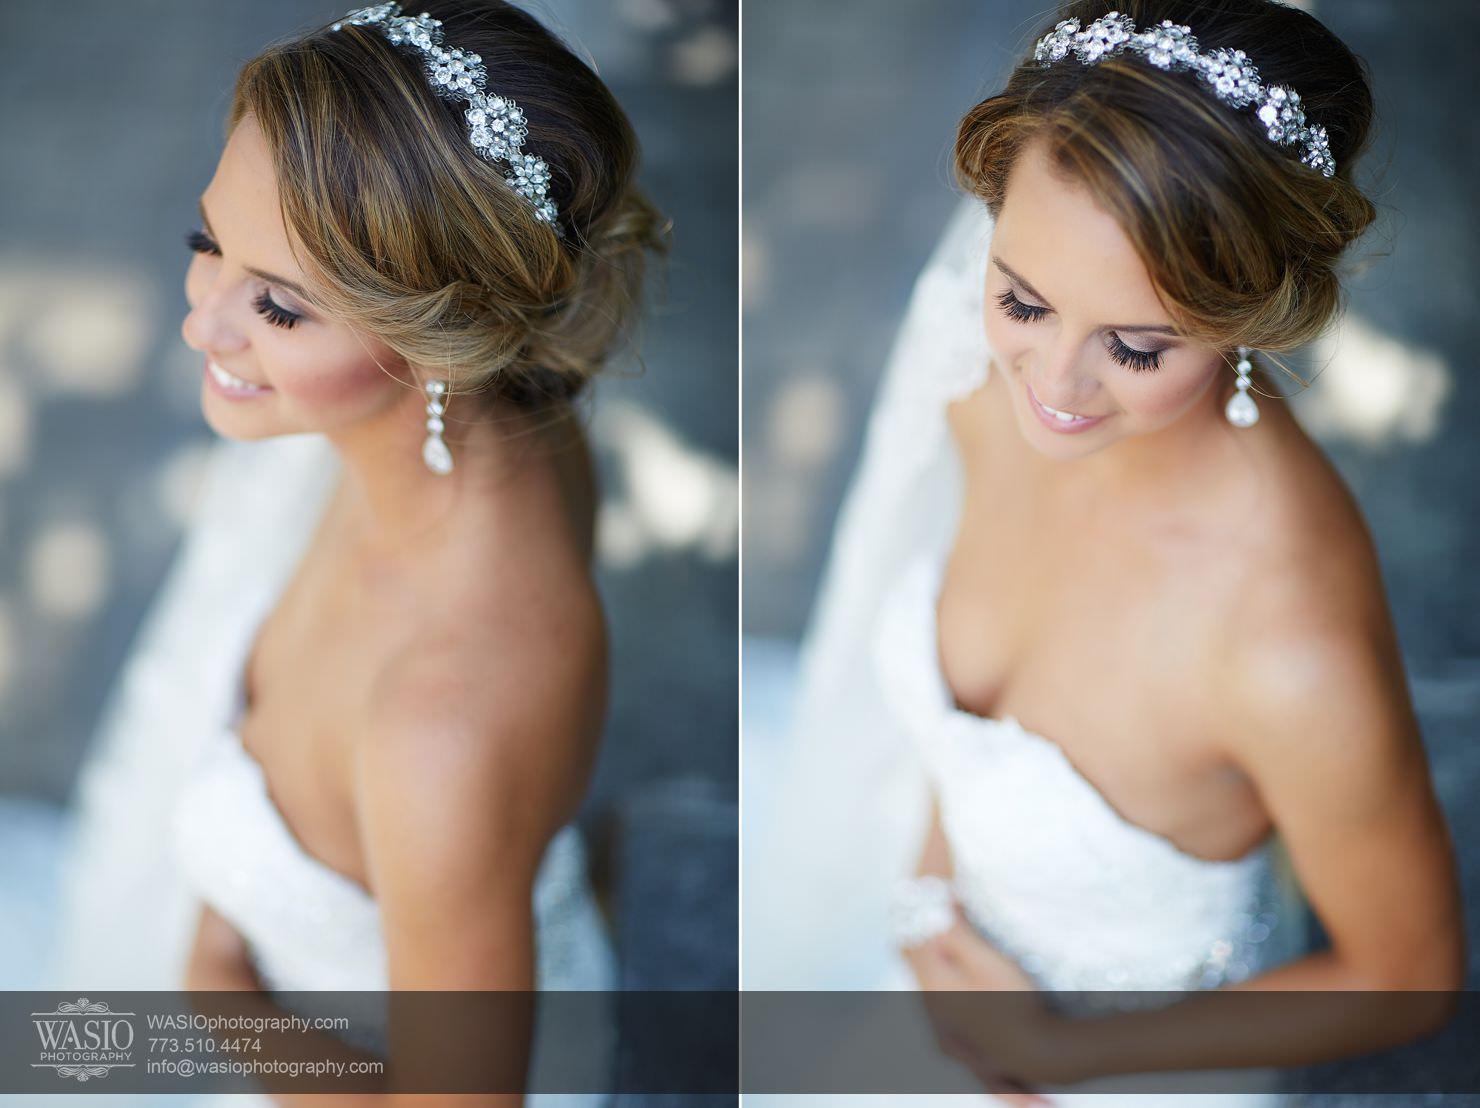 21_Chicago-Summer-Wedding_3P4C4447-copy Chicago Summer Wedding - Angelica & Pawel